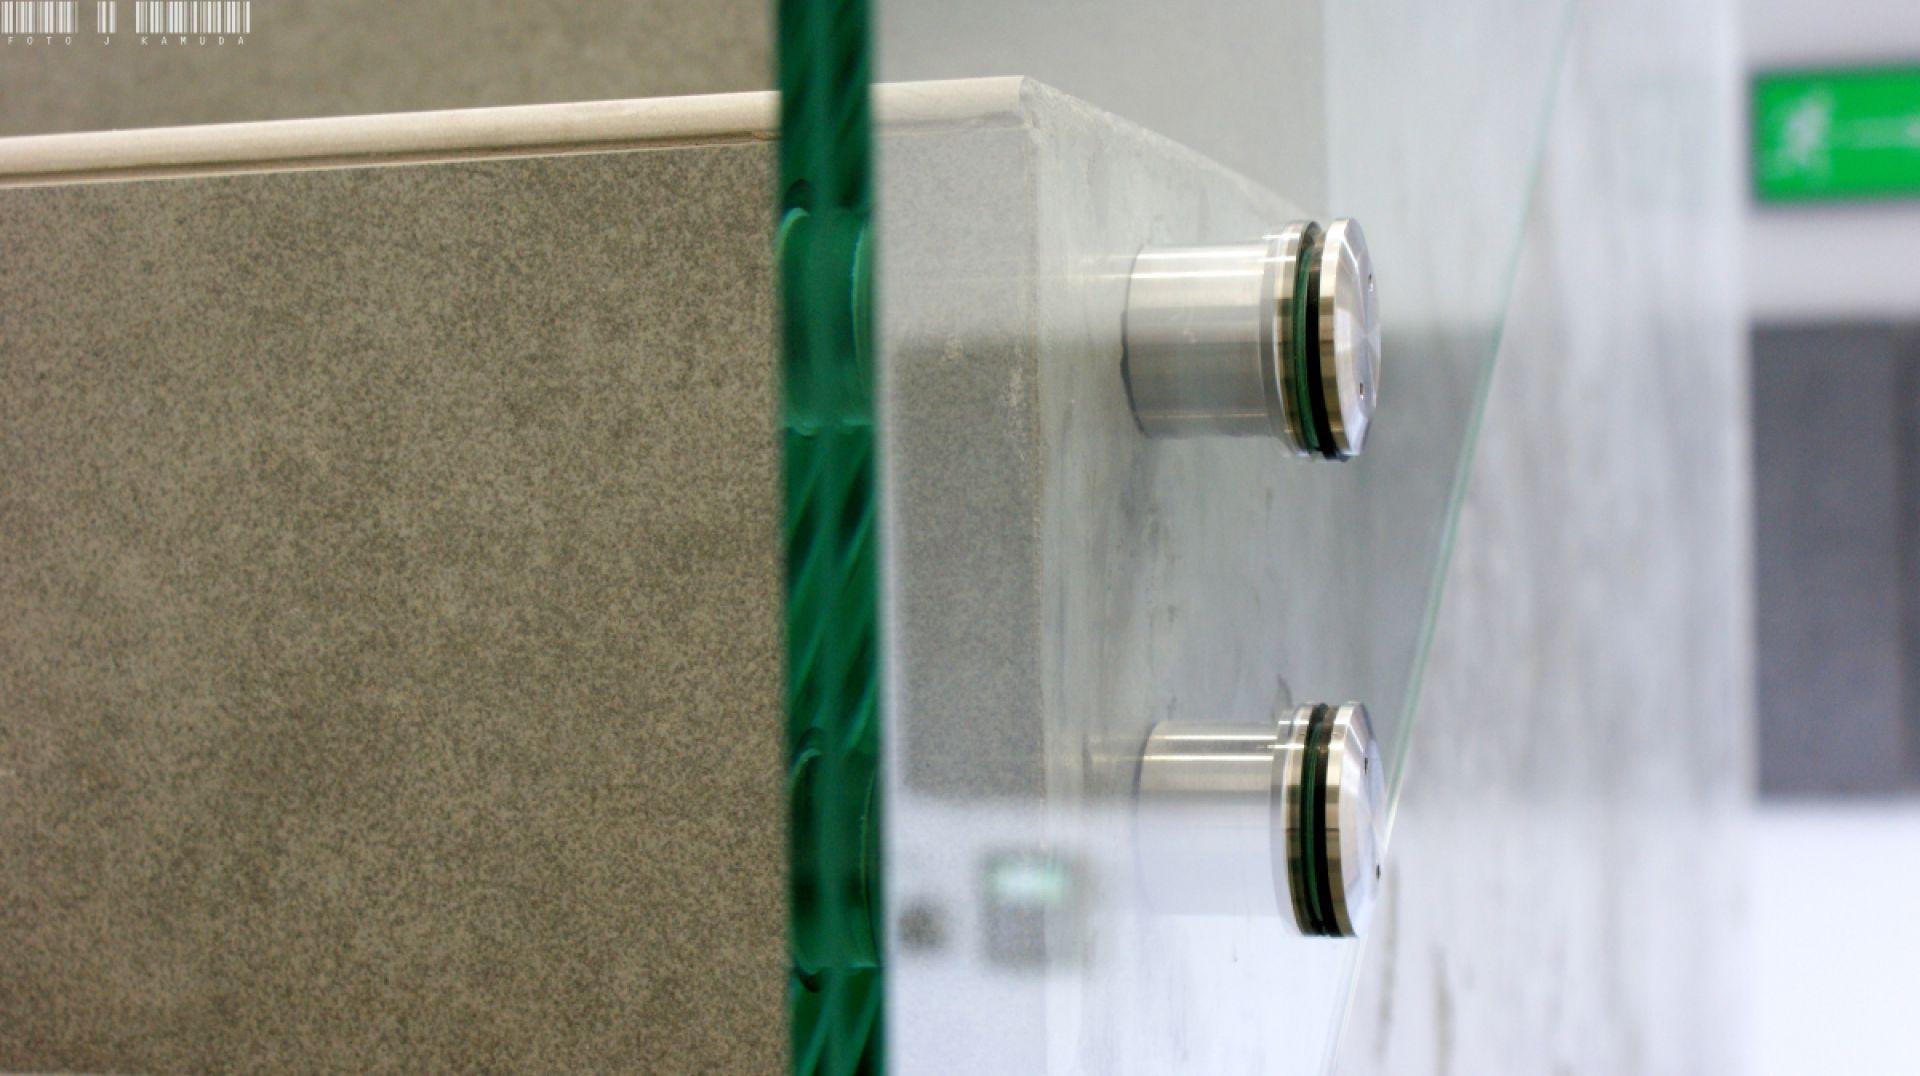 Szklana balustrada zamocowana z pomocą okuć punktowych z serii Piemonte. Fot. CDA Polska